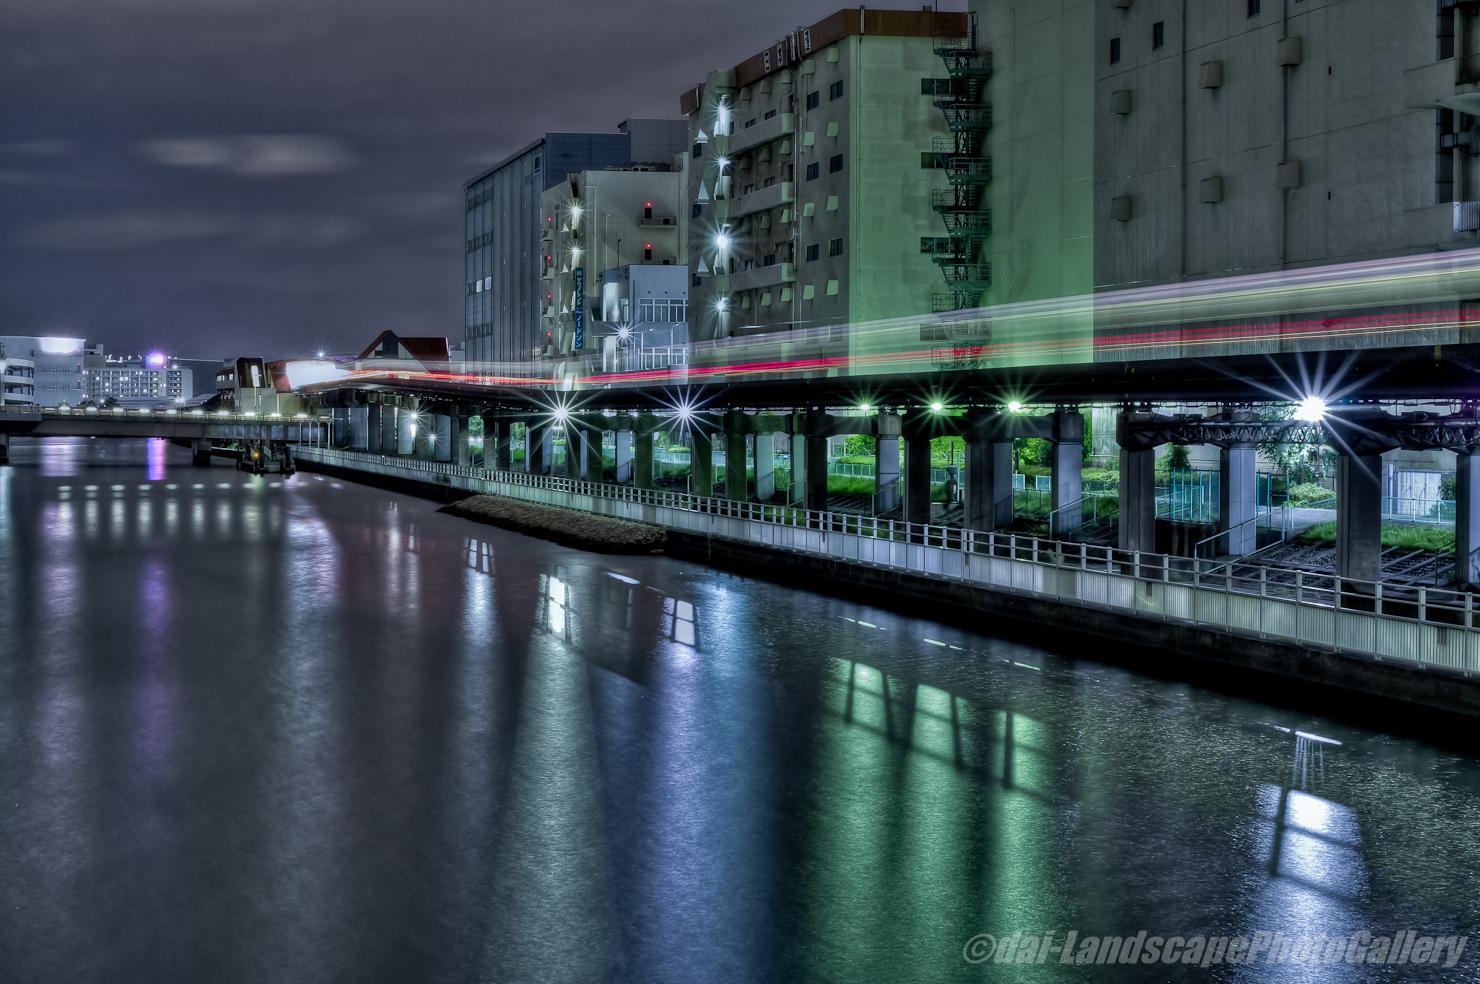 夜の京浜運河とモノレールの光跡【HDRi】